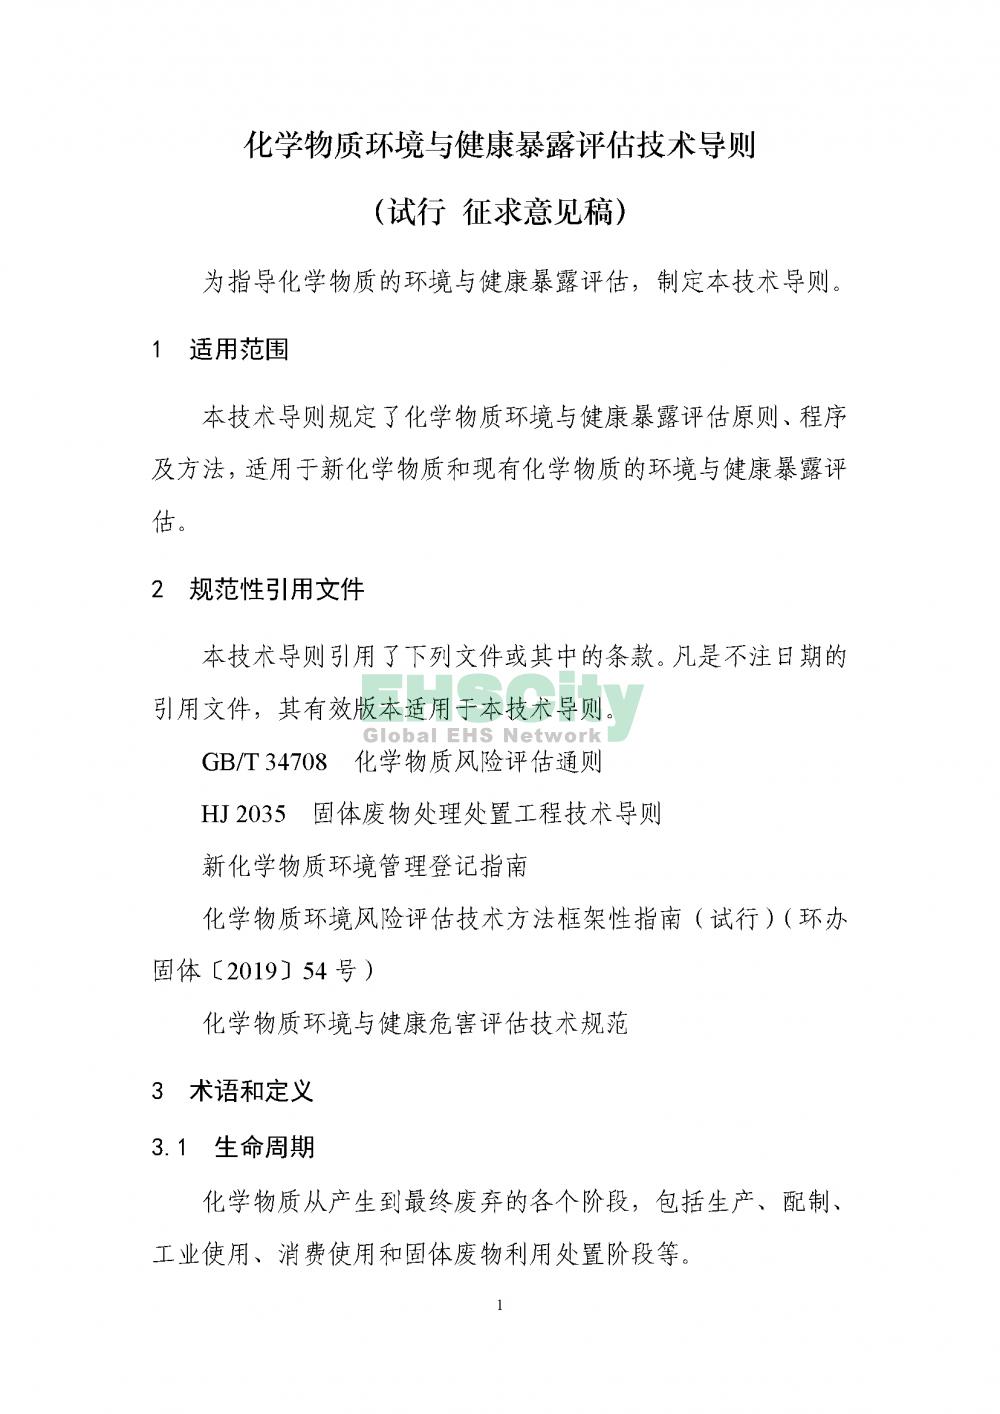 2化学物质环境与健康暴露评估技术导则_页面_03